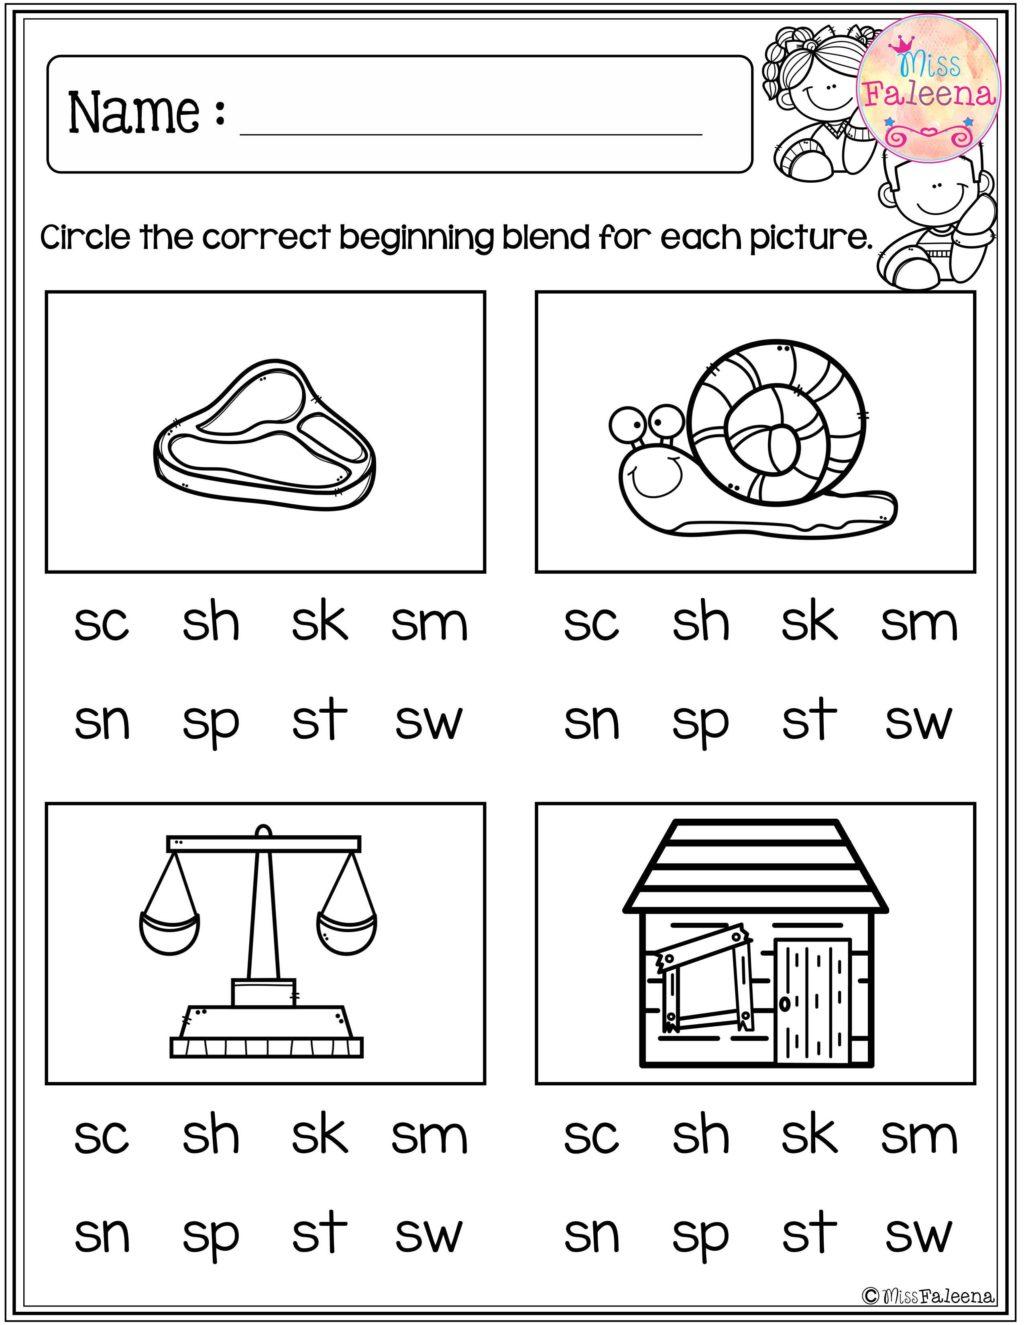 Worksheet ~ Free Beginning Blends Activities Worksheets regarding Alphabet Blends Worksheets